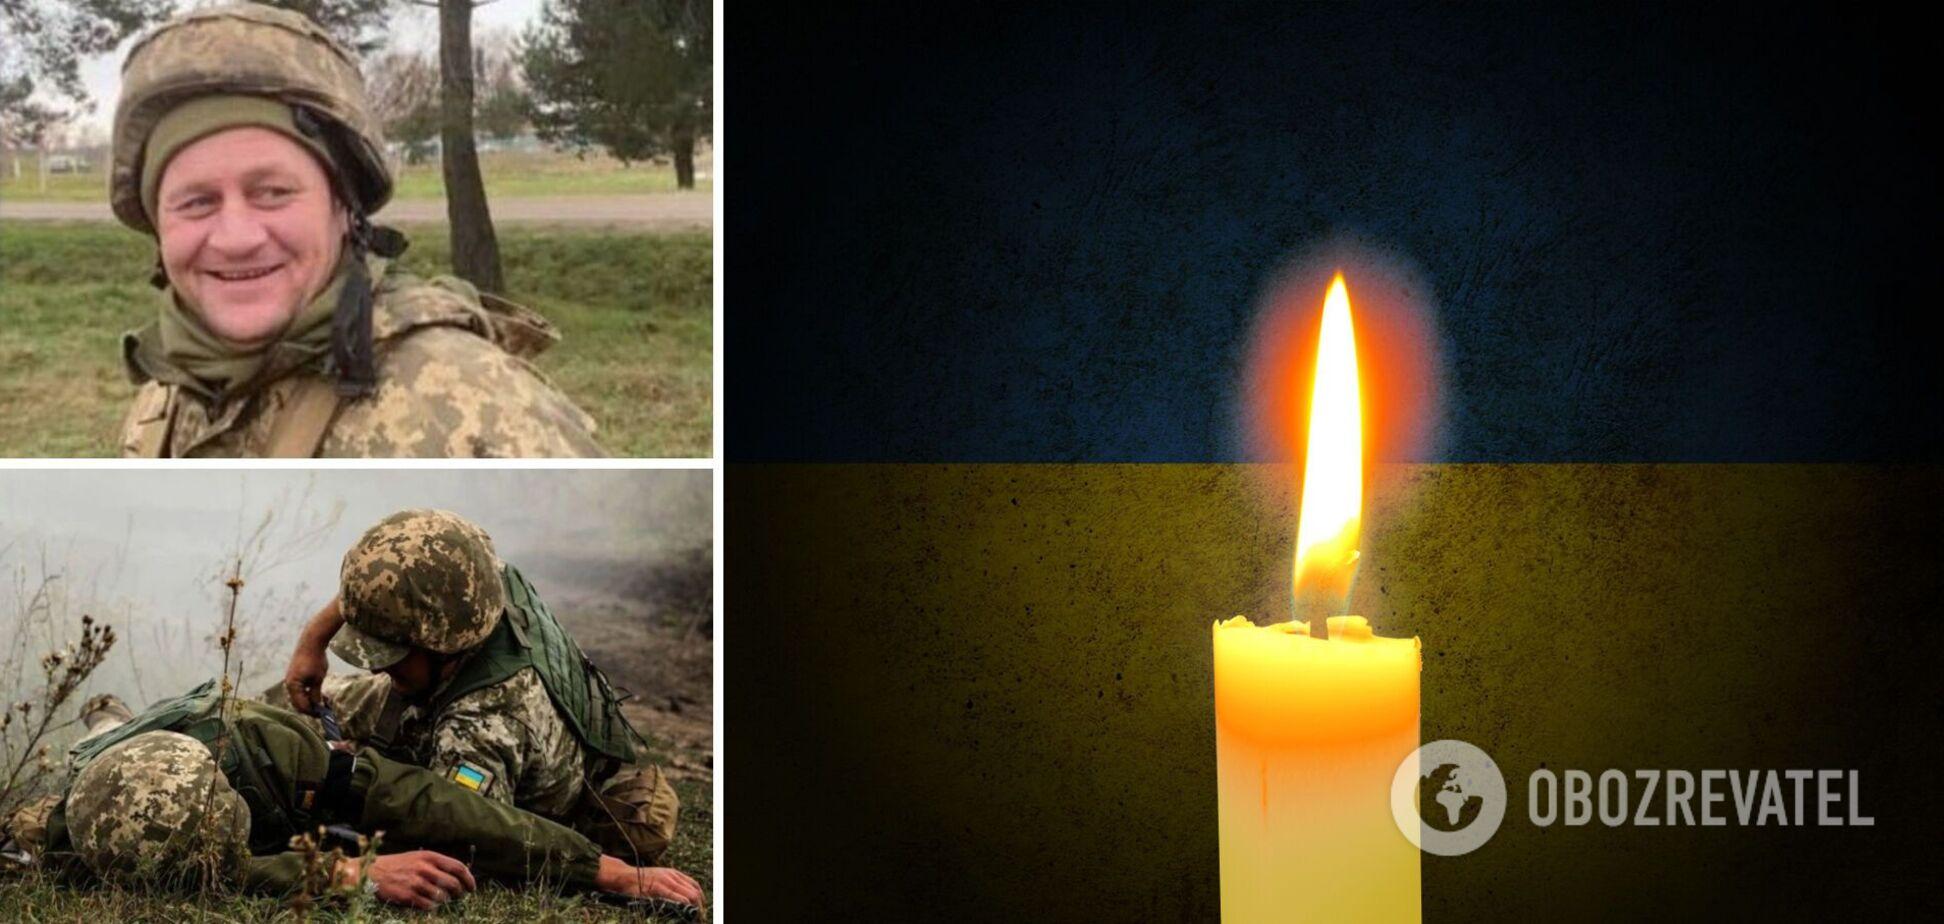 Був патріотом, після поранення повернувся на фронт: що відомо про бійця, вбитого росіянами на Донбасі